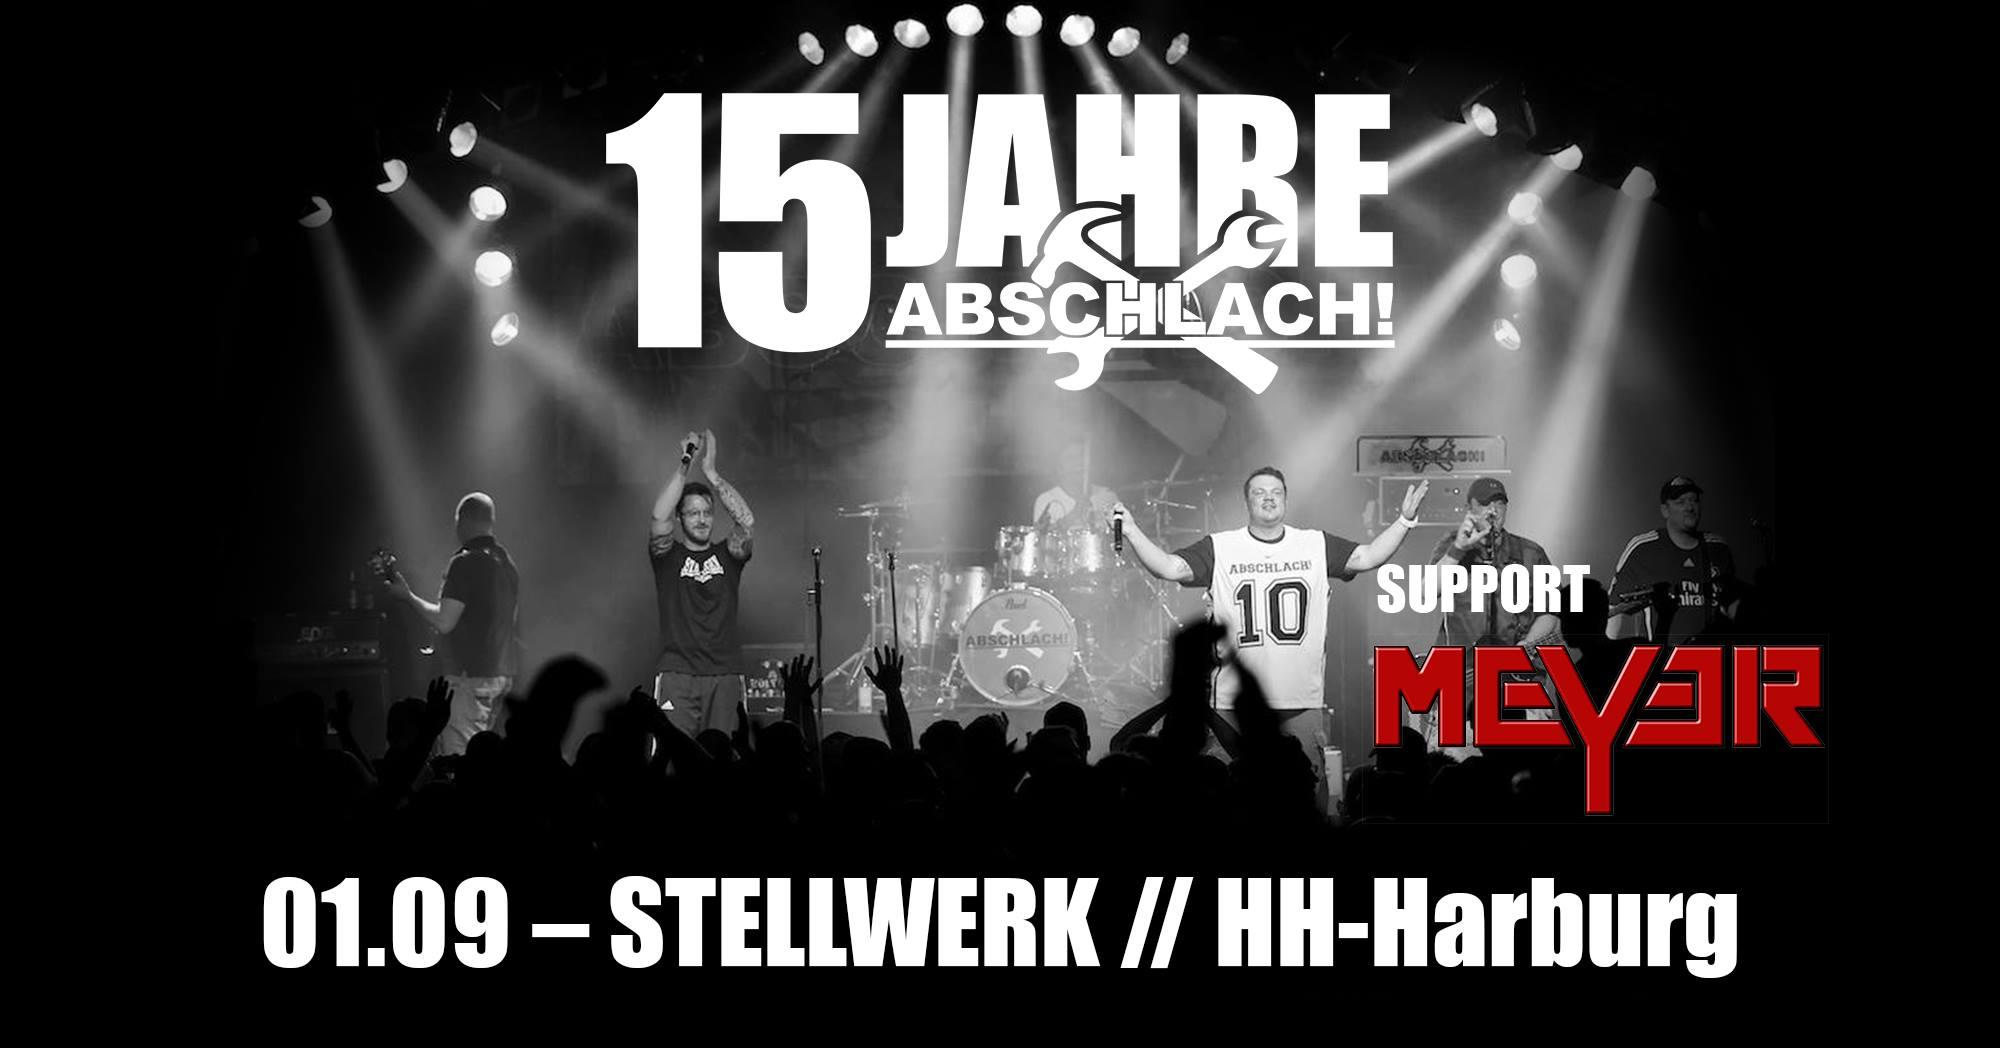 Abschlach! – Live in HH-Harburg (+ Meyer)